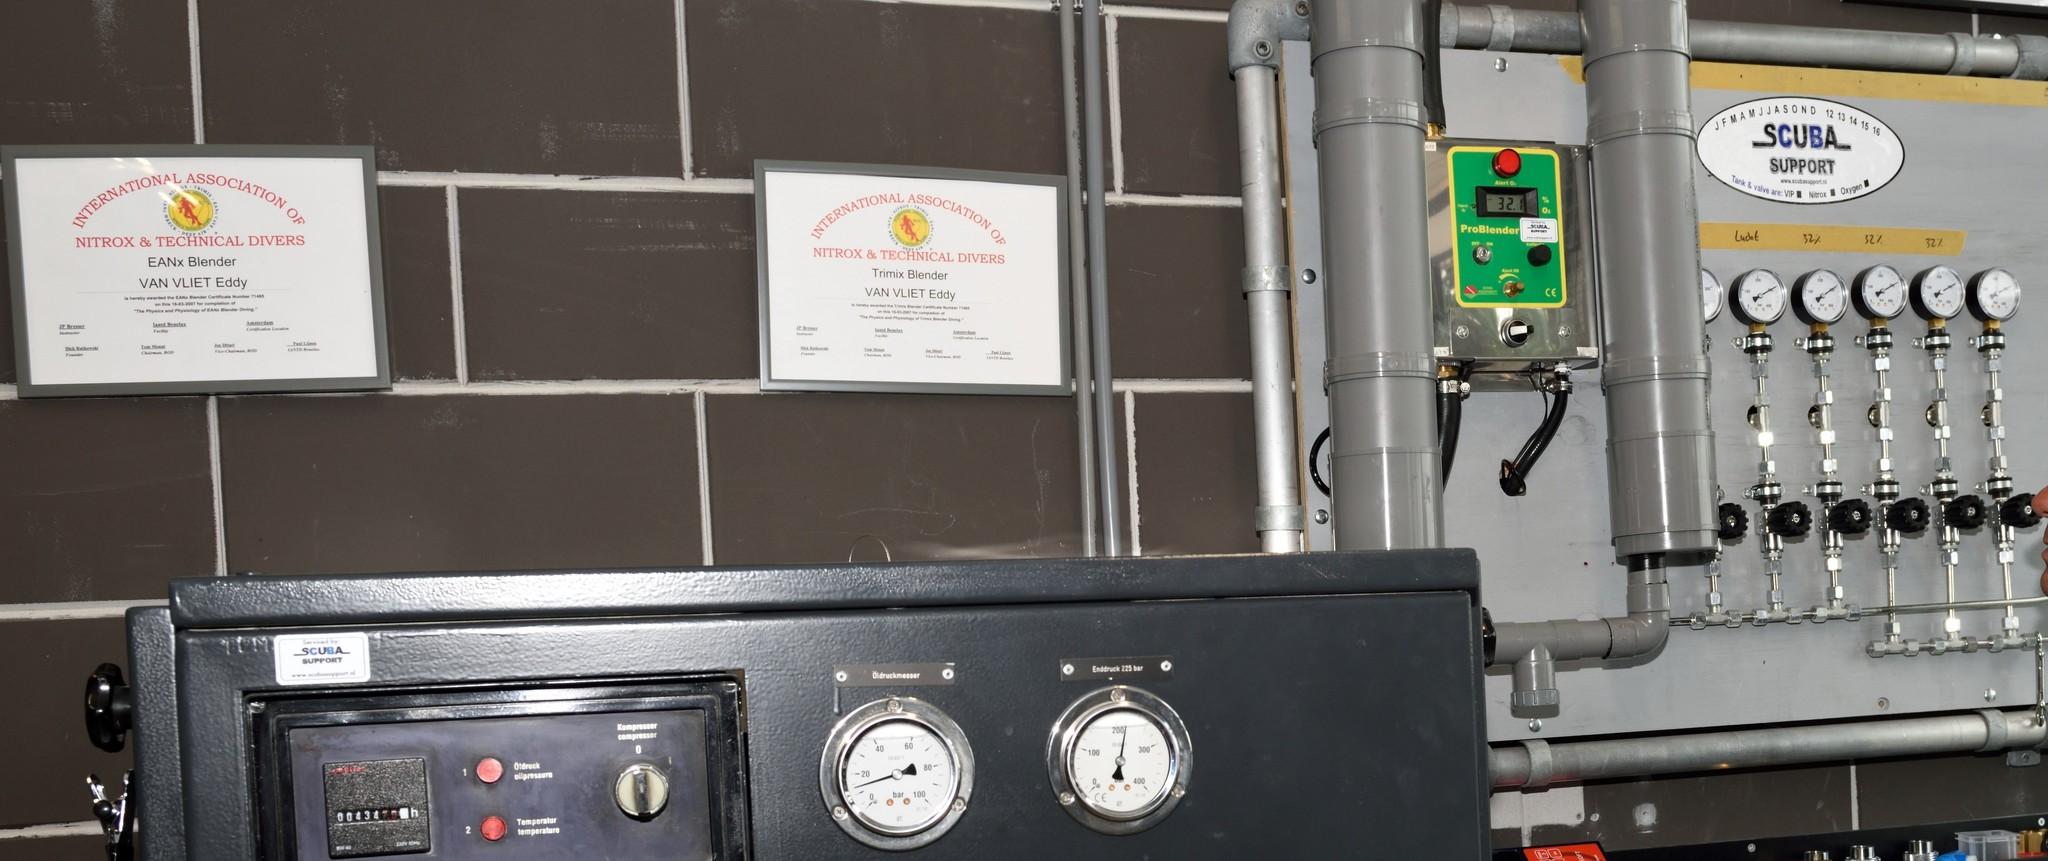 Vulstation voor Perslucht, Nitrox en Trimix tot wel 300 bar